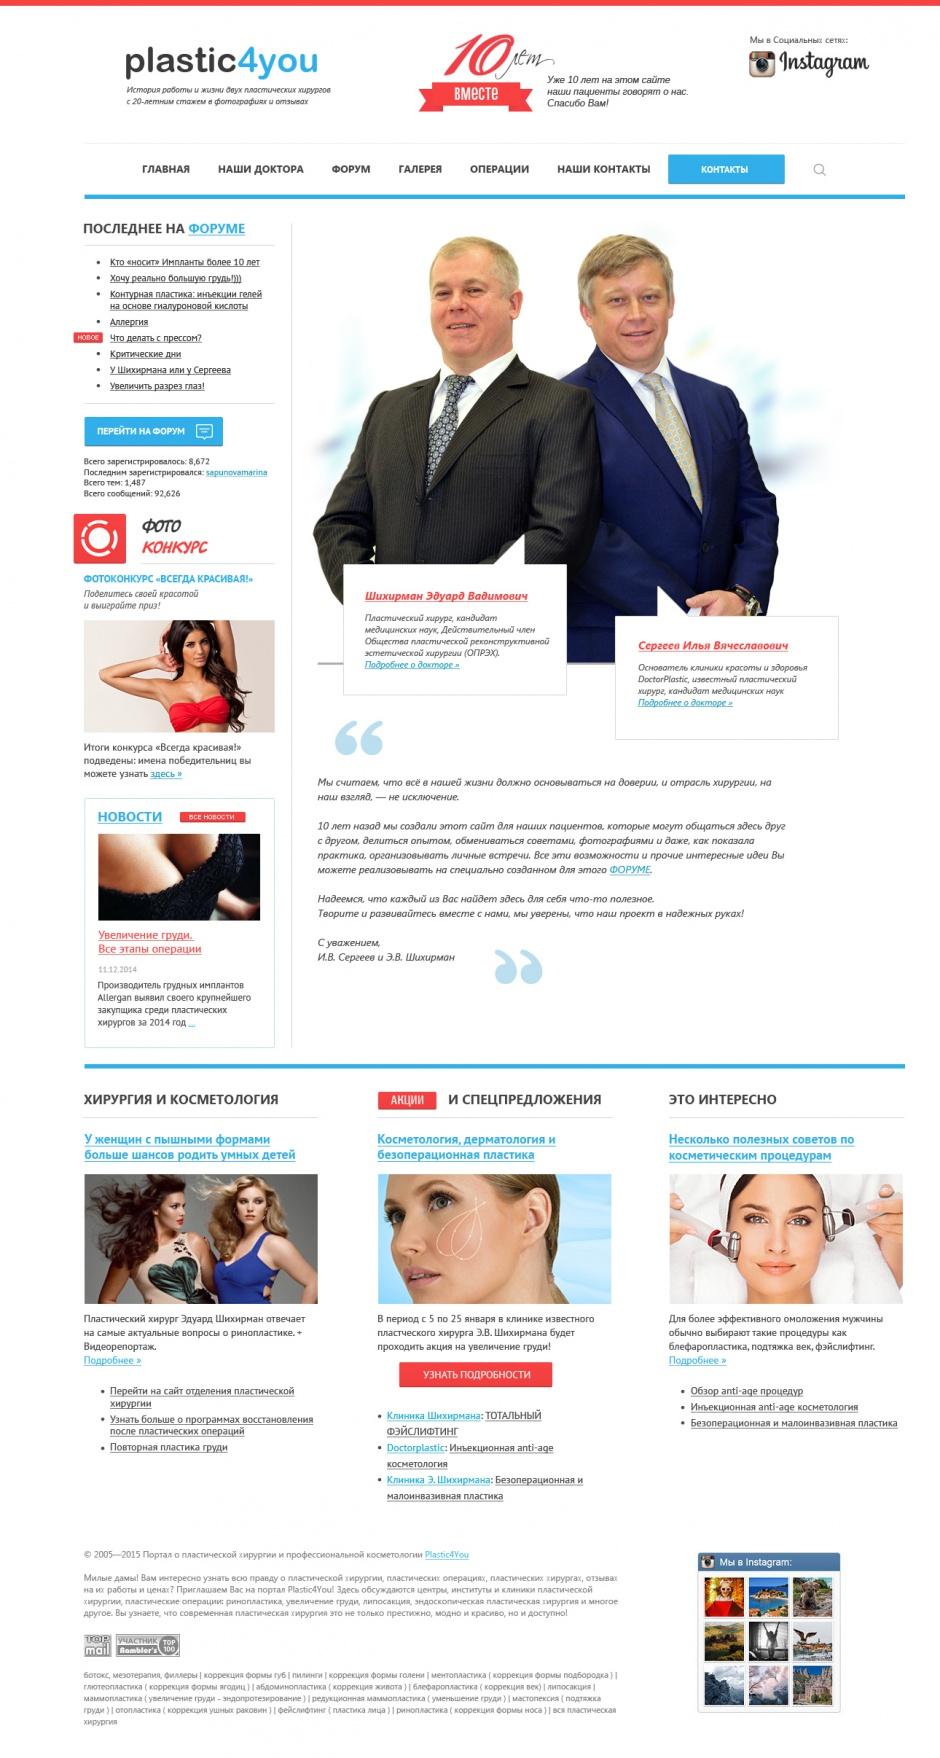 Дизайн портала о пластической хирургии PLASTIC4YOU - главная страница